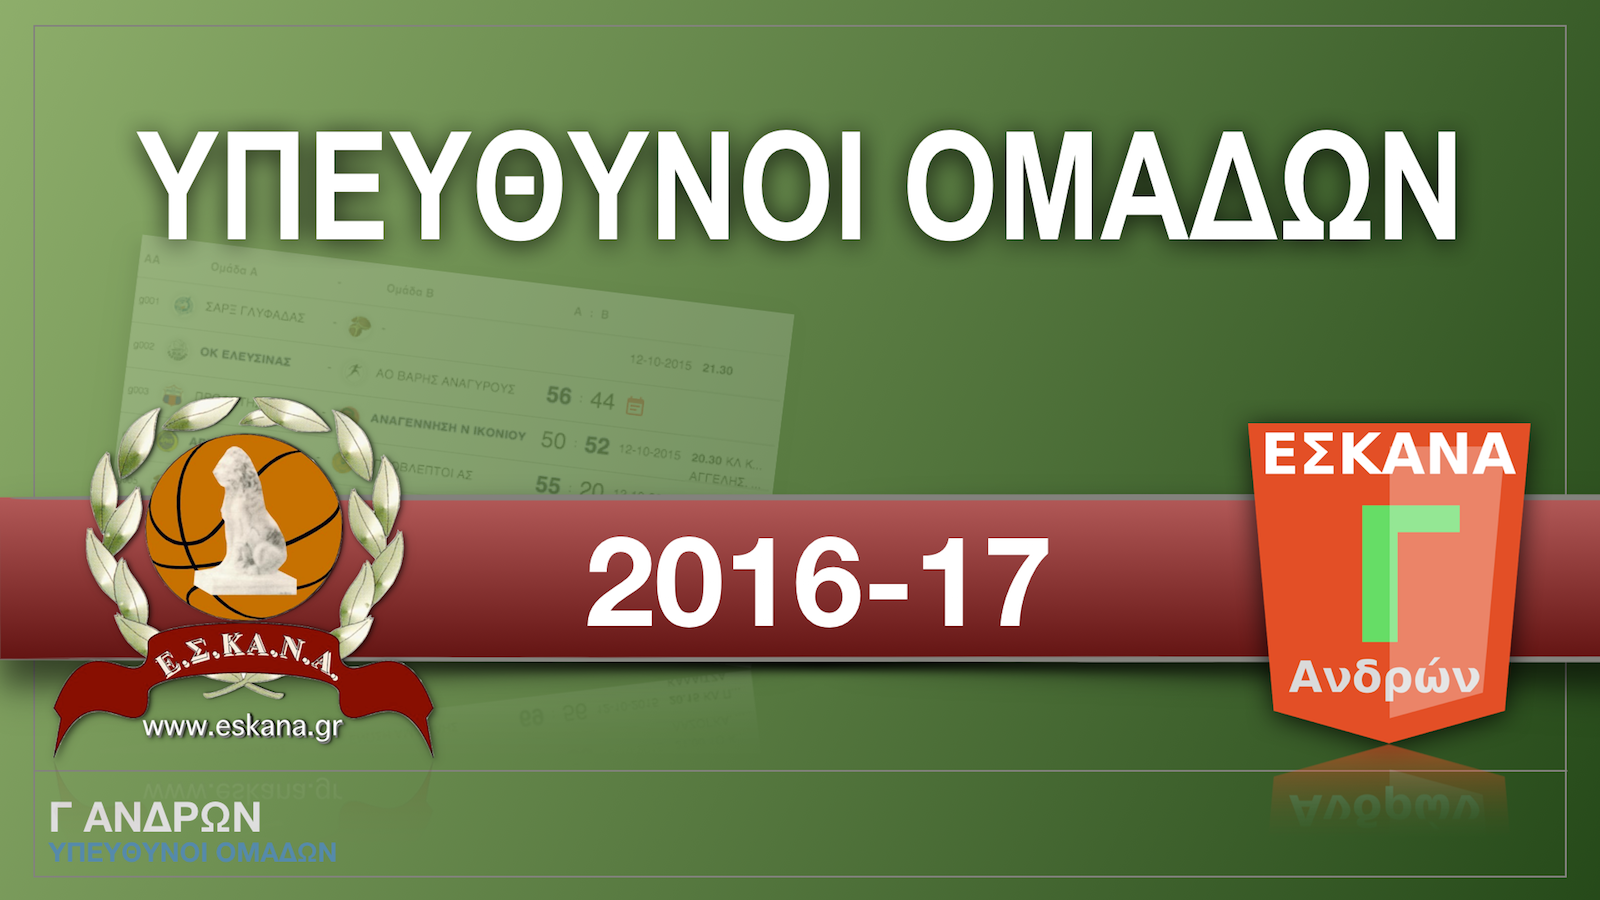 Οι υπεύθυνοι των ομάδων Γ ΑΝΔΡΩΝ 2016-17